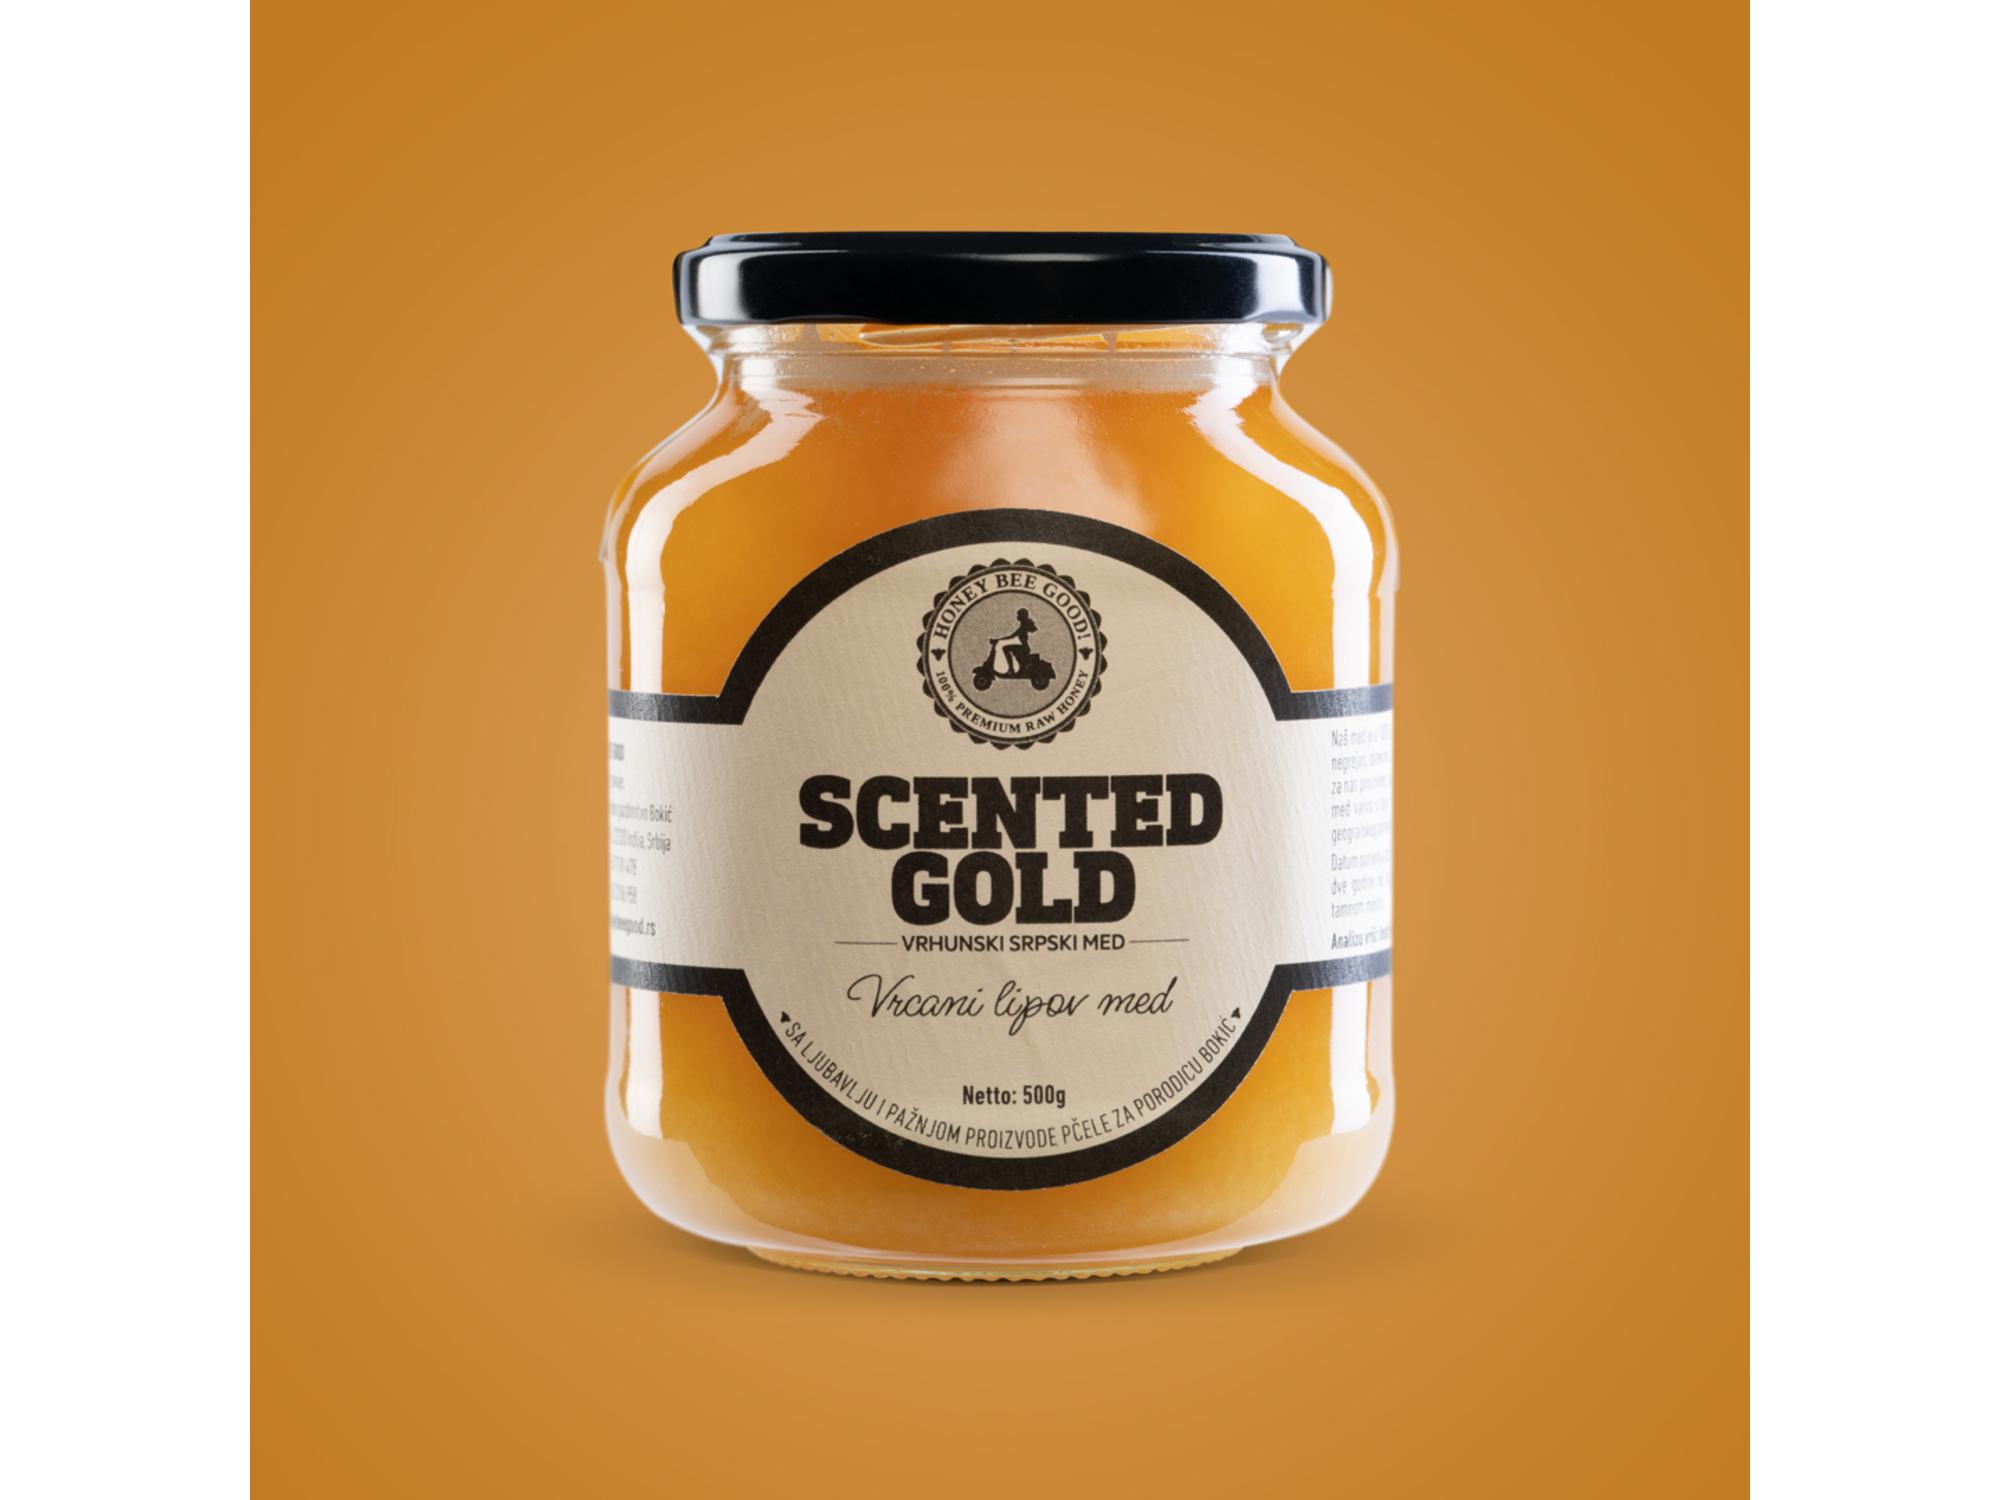 Honeybeegood Sirovi lipov med 500g